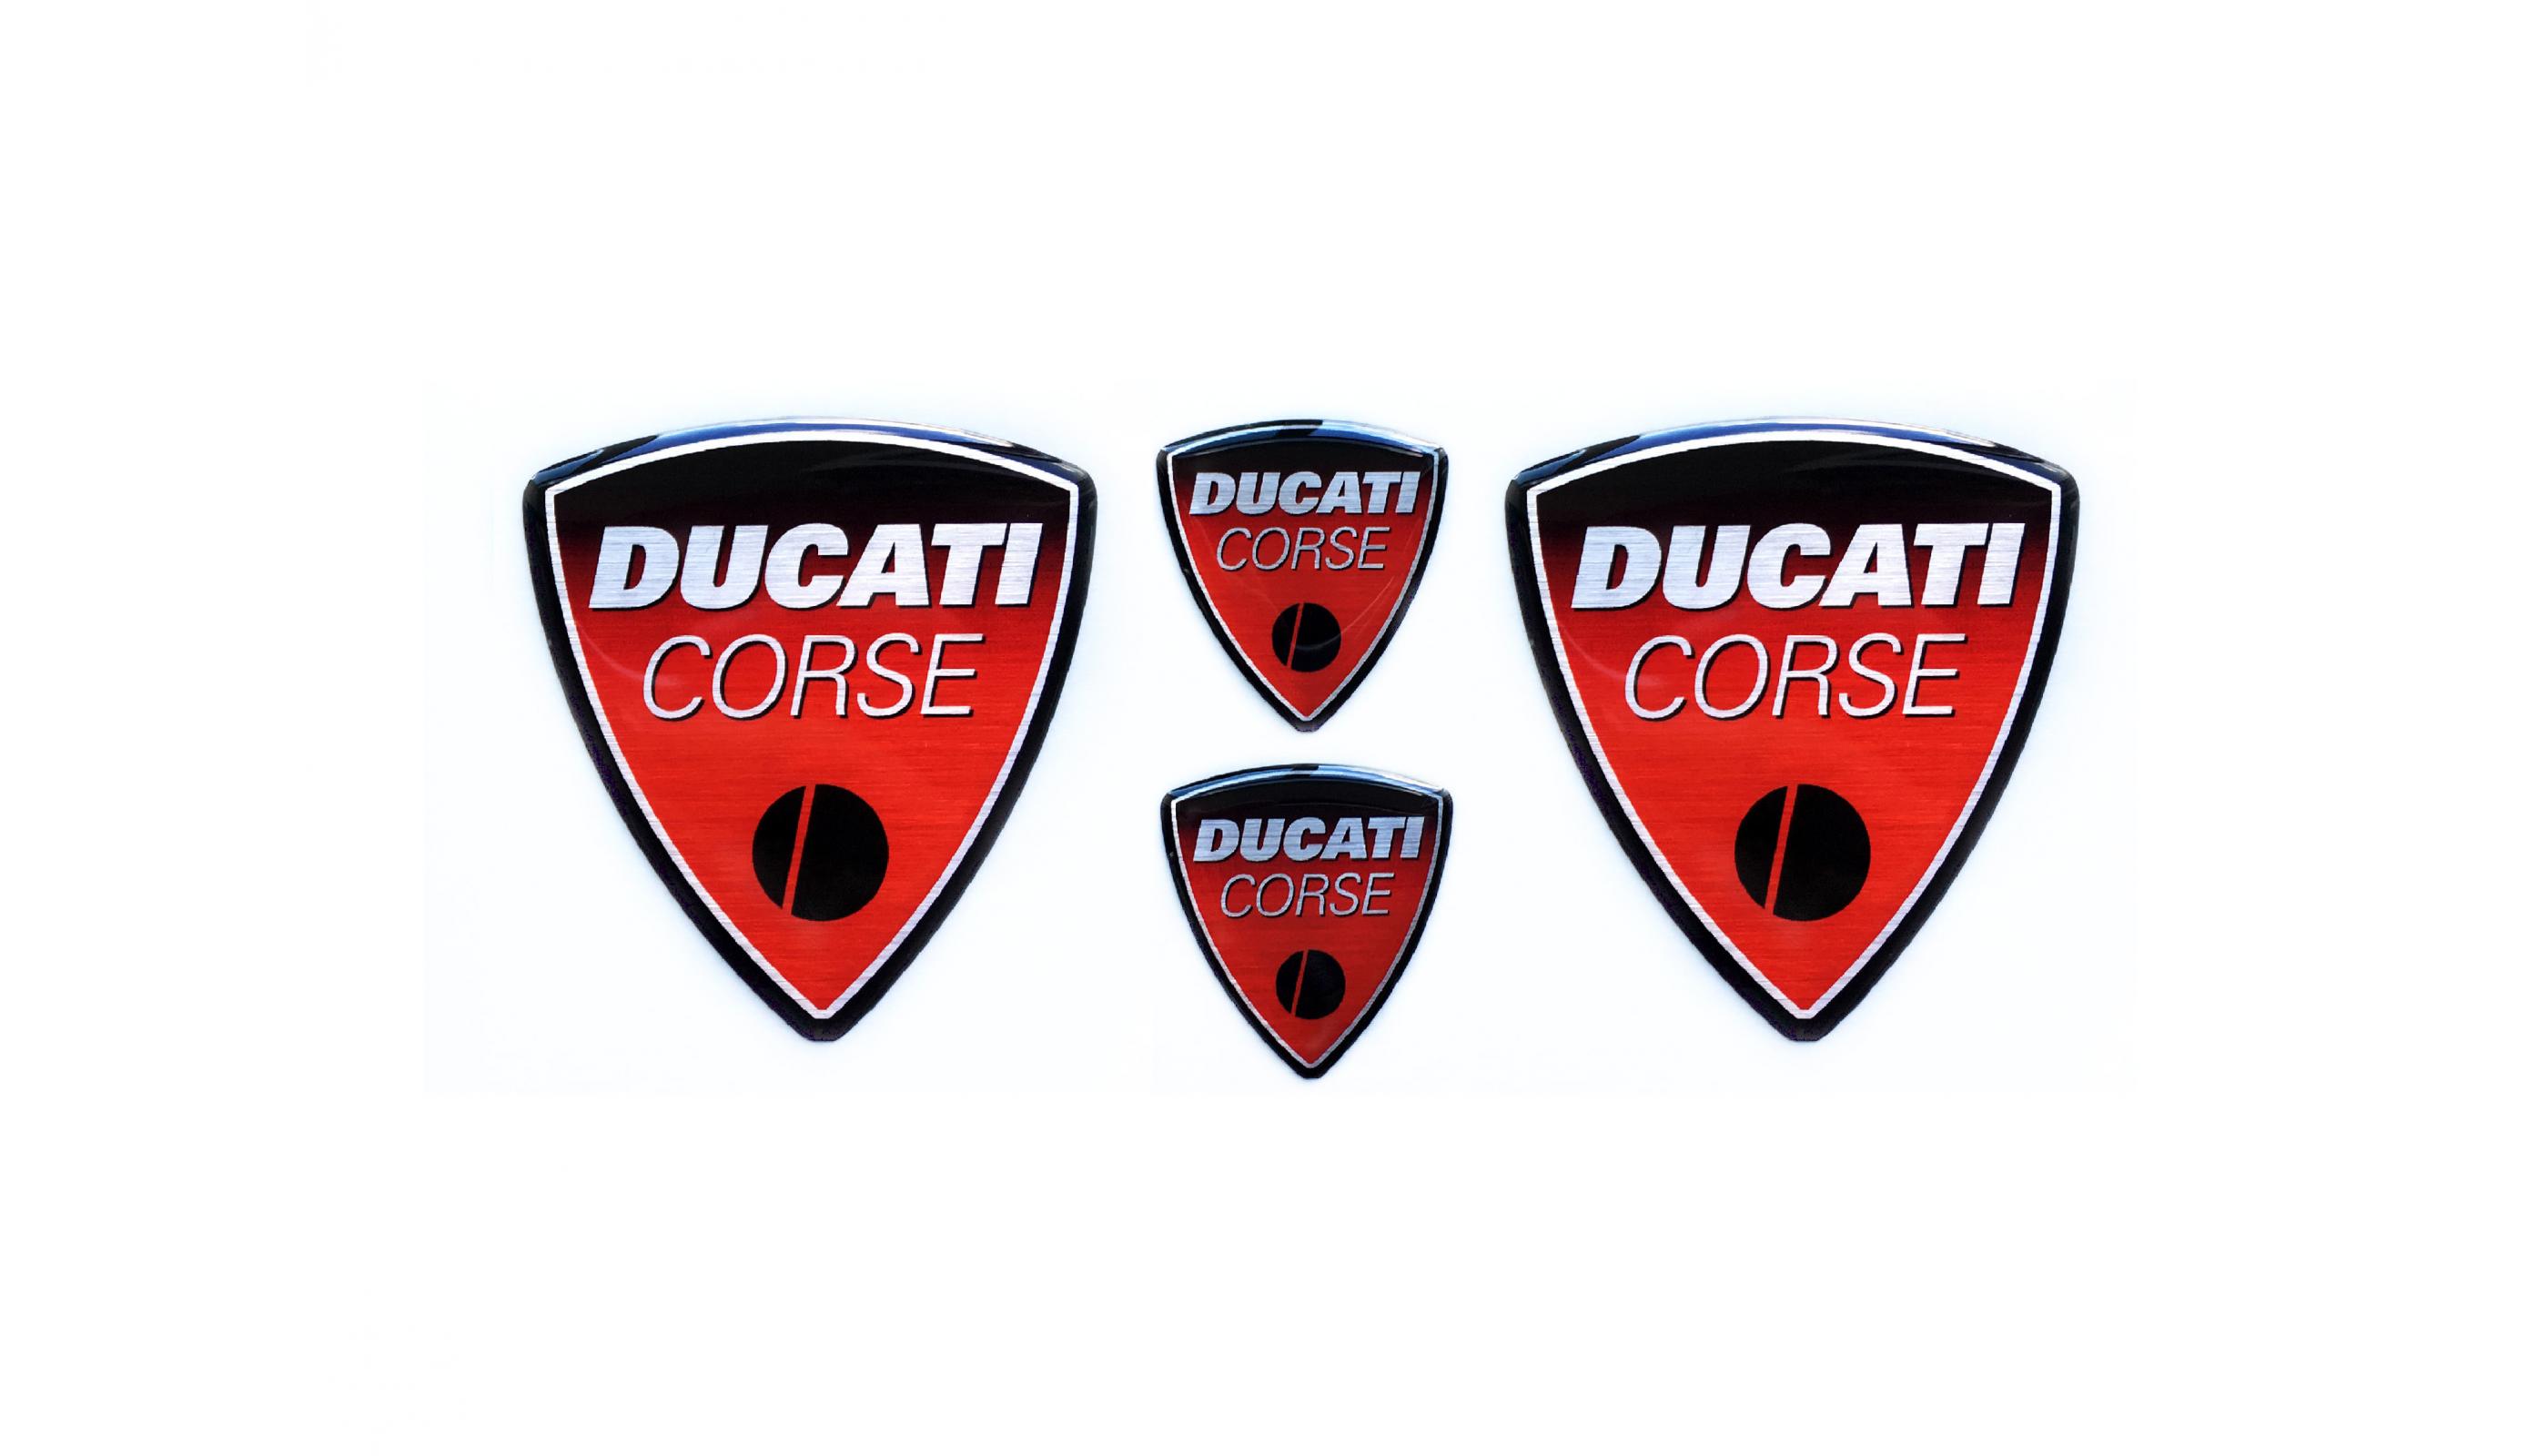 Ducati Corse Decal Sticker